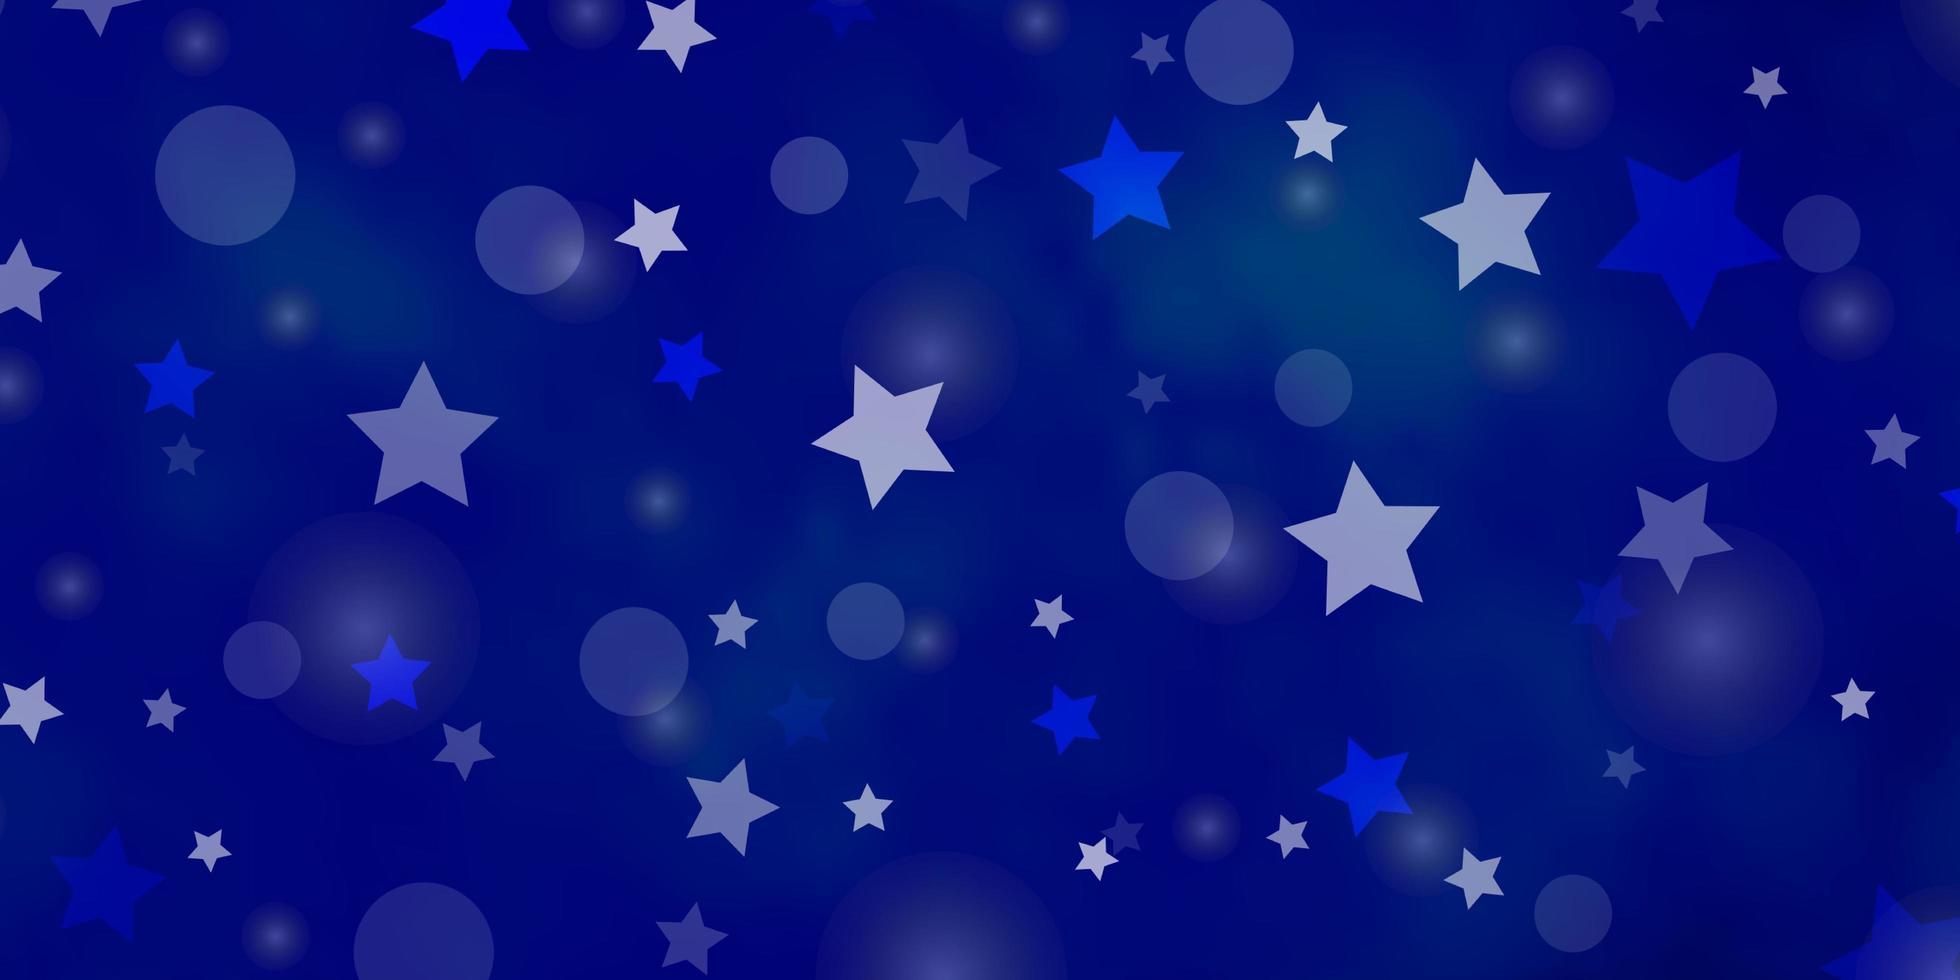 ljusblå vektorlayout med cirklar, stjärnor. vektor